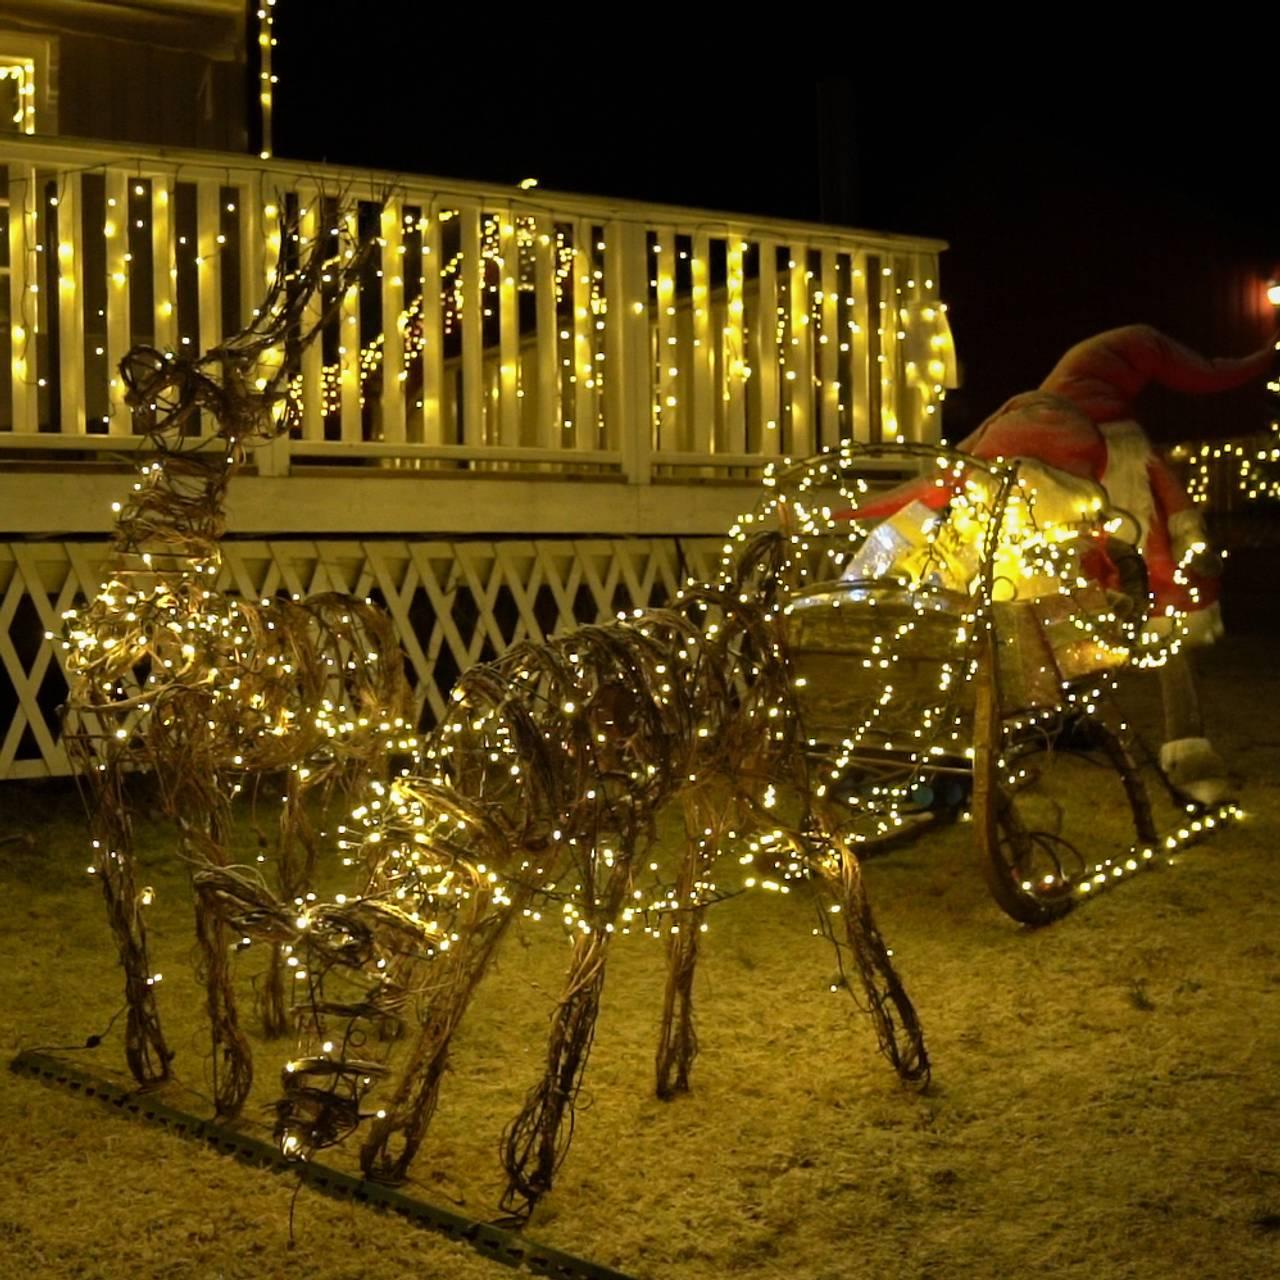 Julepynt. Julenisse med reinsdyr.